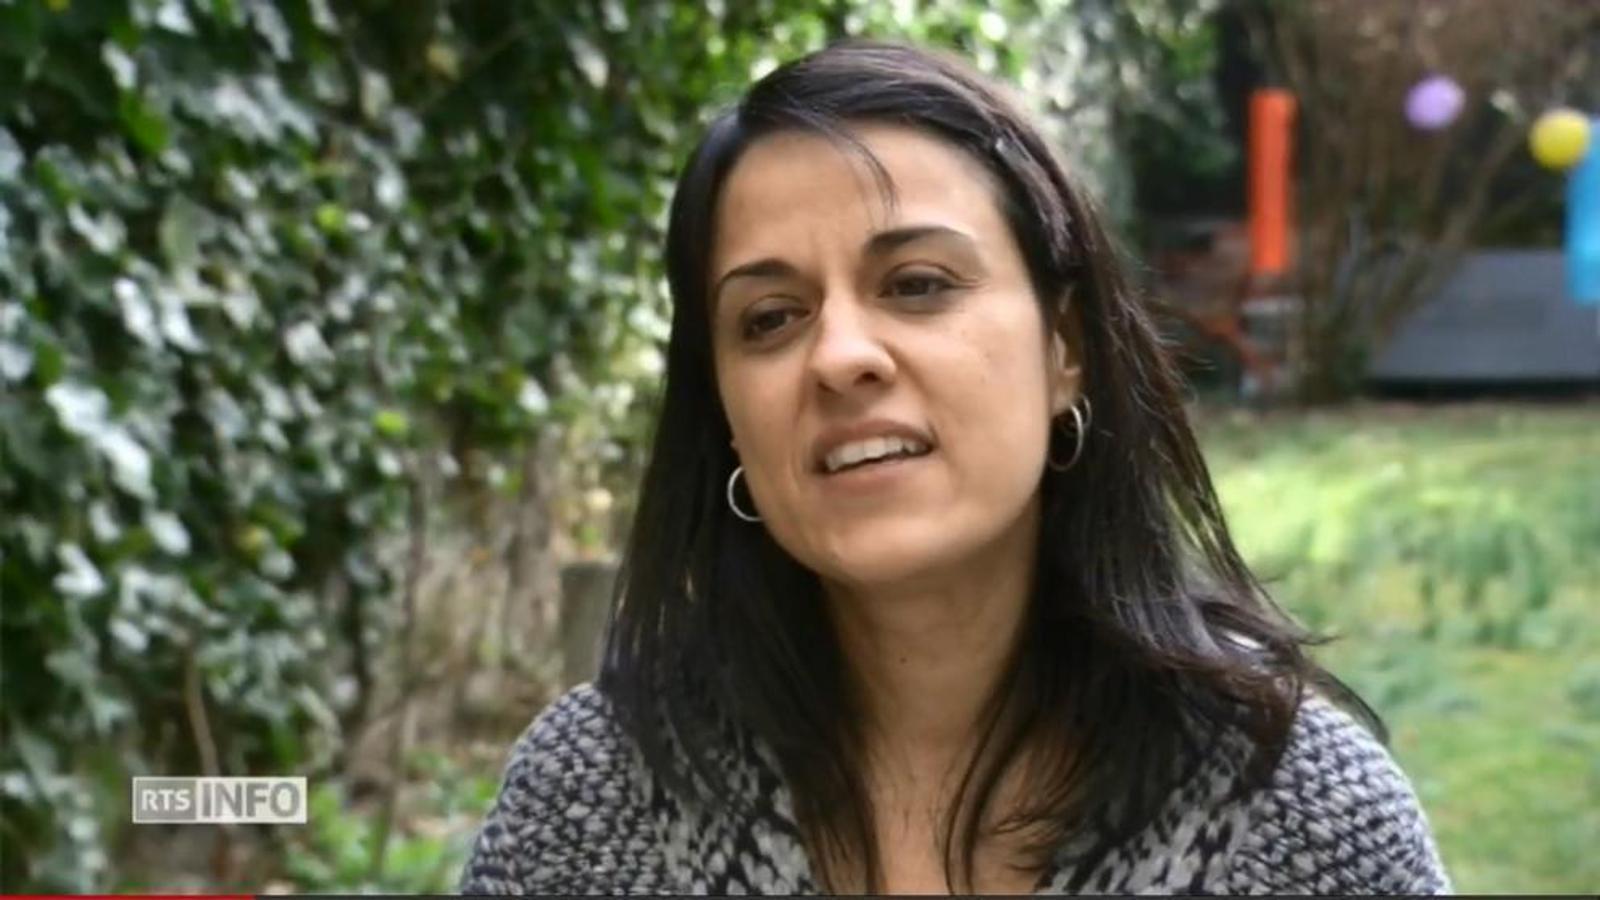 Captura de vídeo de l'entrevista que l'exdiputada Anna Gabriel ha concedit al canal RTS